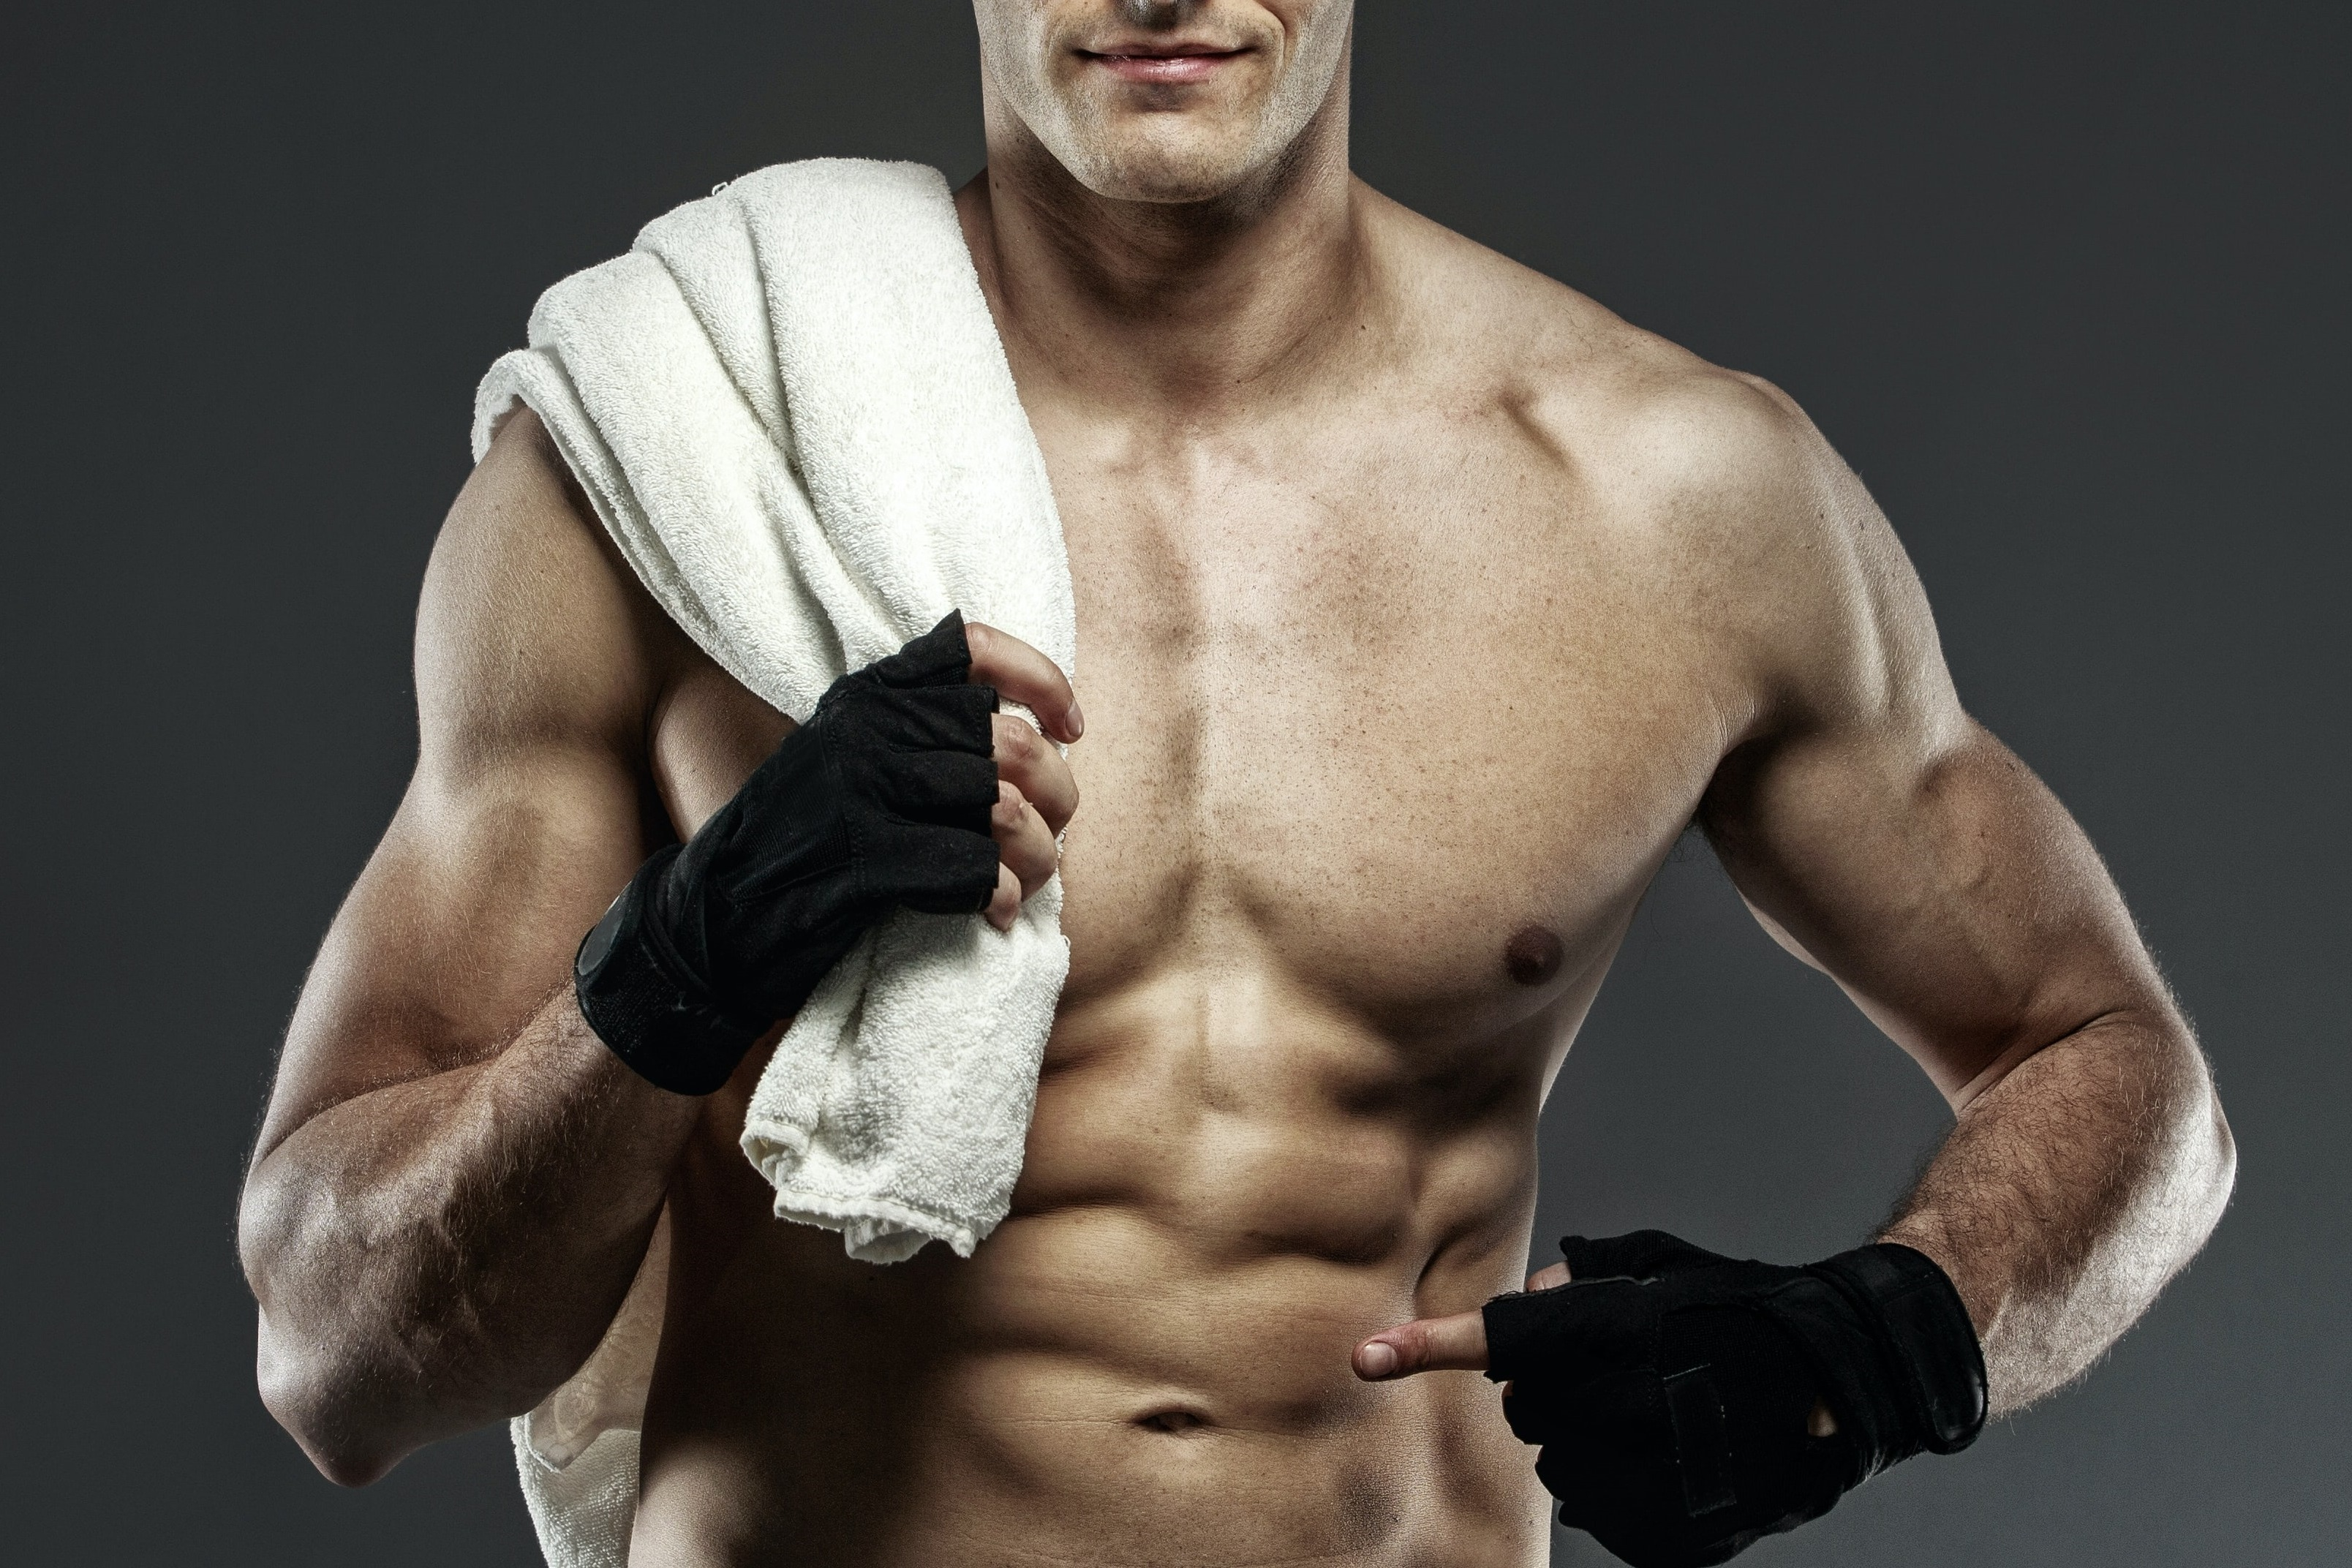 6 séries de exercícios para fazer em casa - Dr. JONES